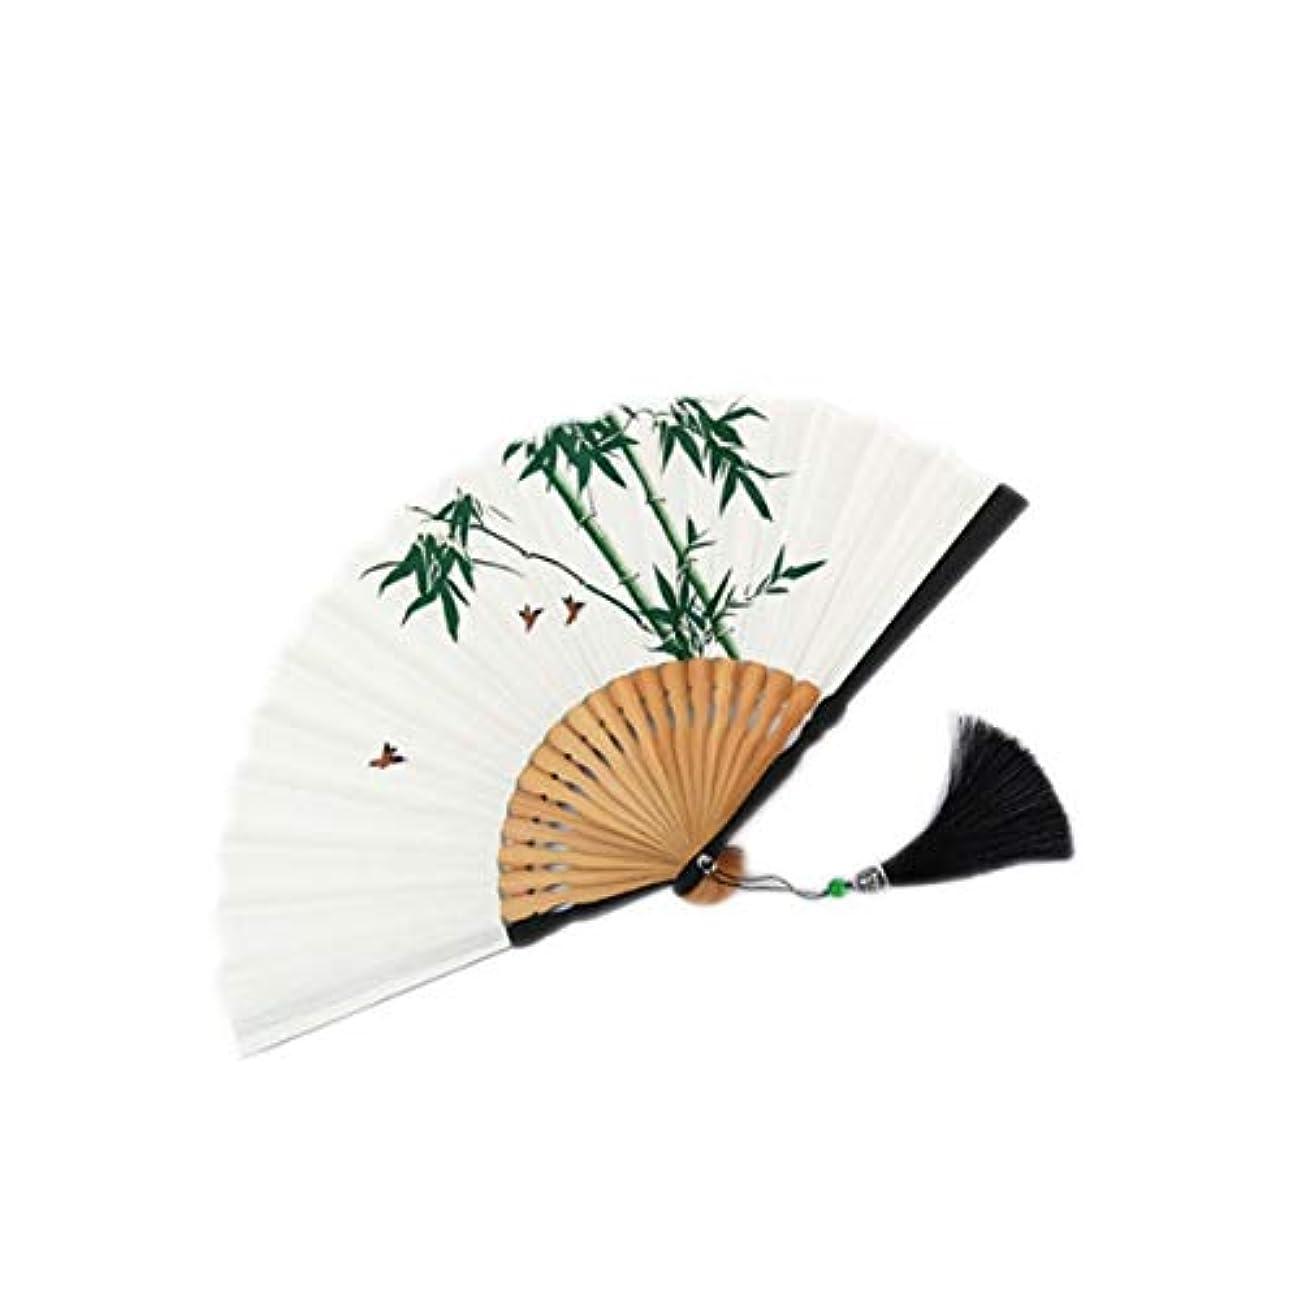 必要条件半球エジプトKATH 扇子、中国のスタイル竹扇子、クラフトギフトファン